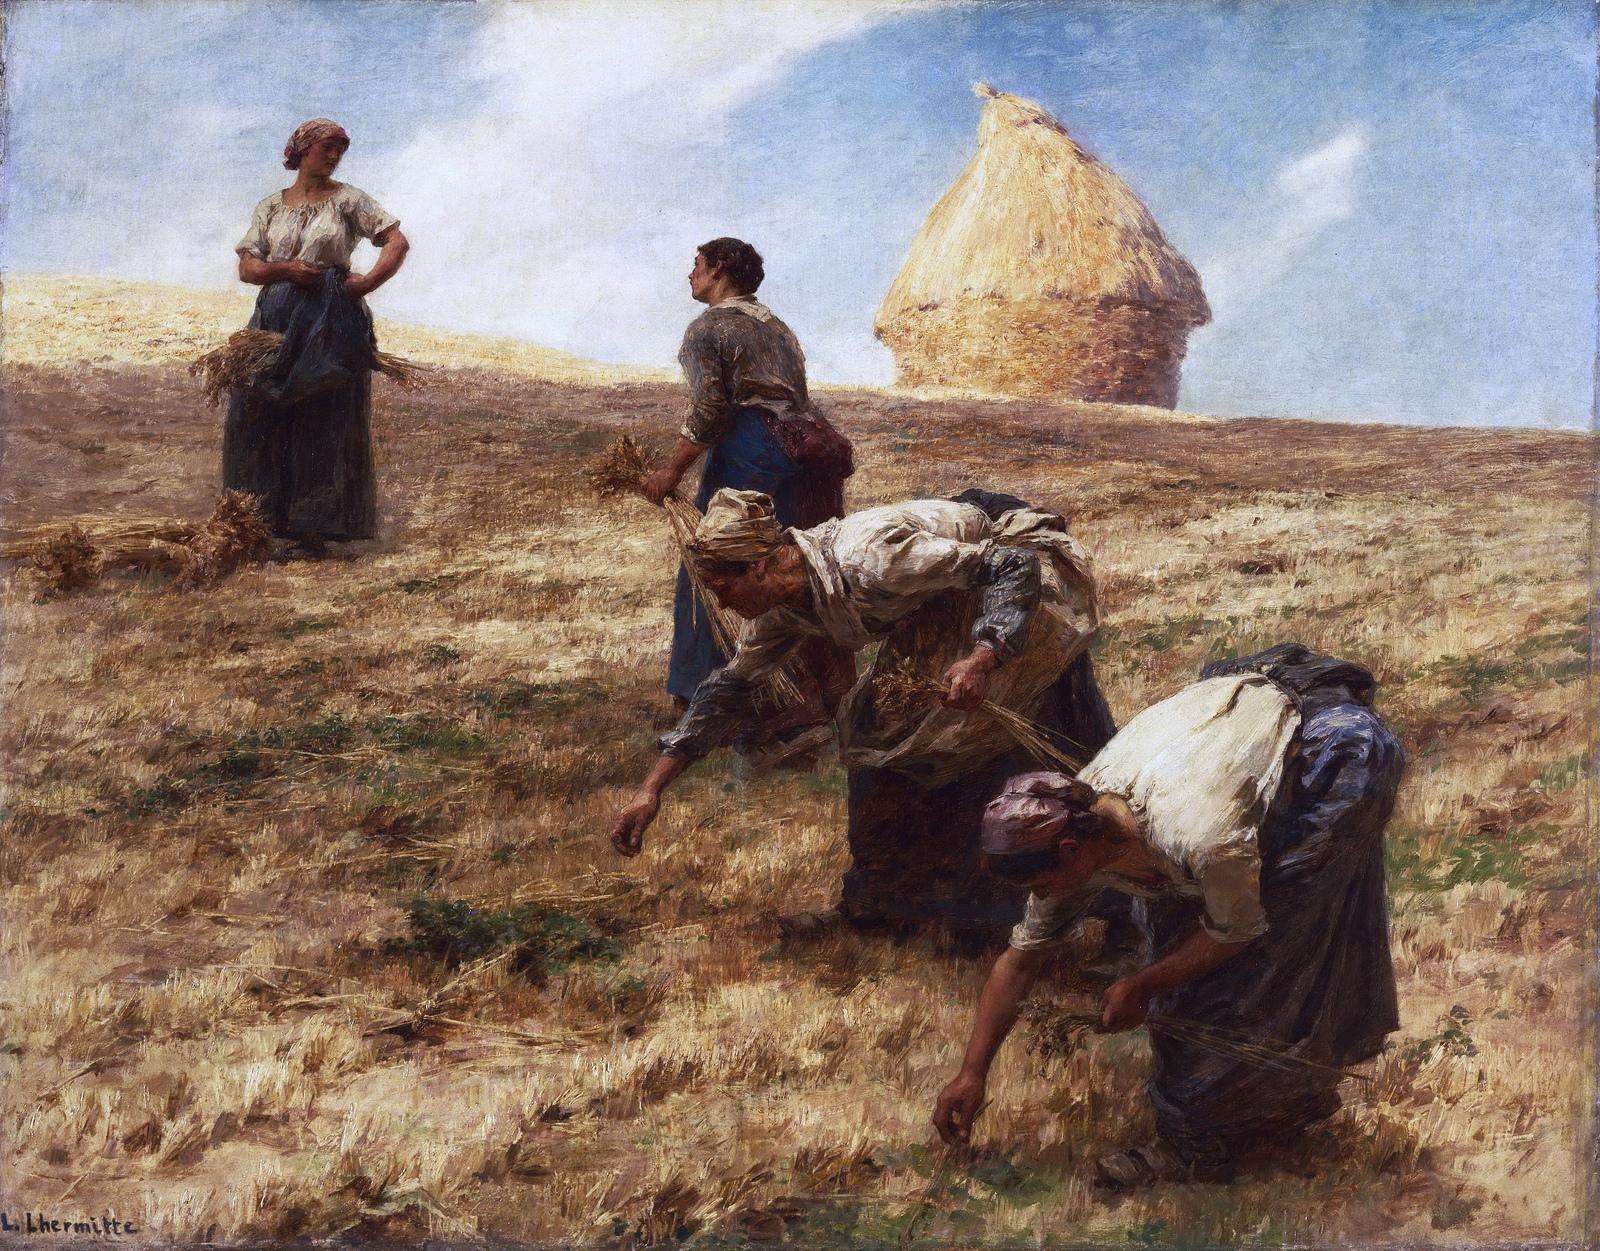 Des Glaneuses (1887), Léon Lhermitte. Public domain.